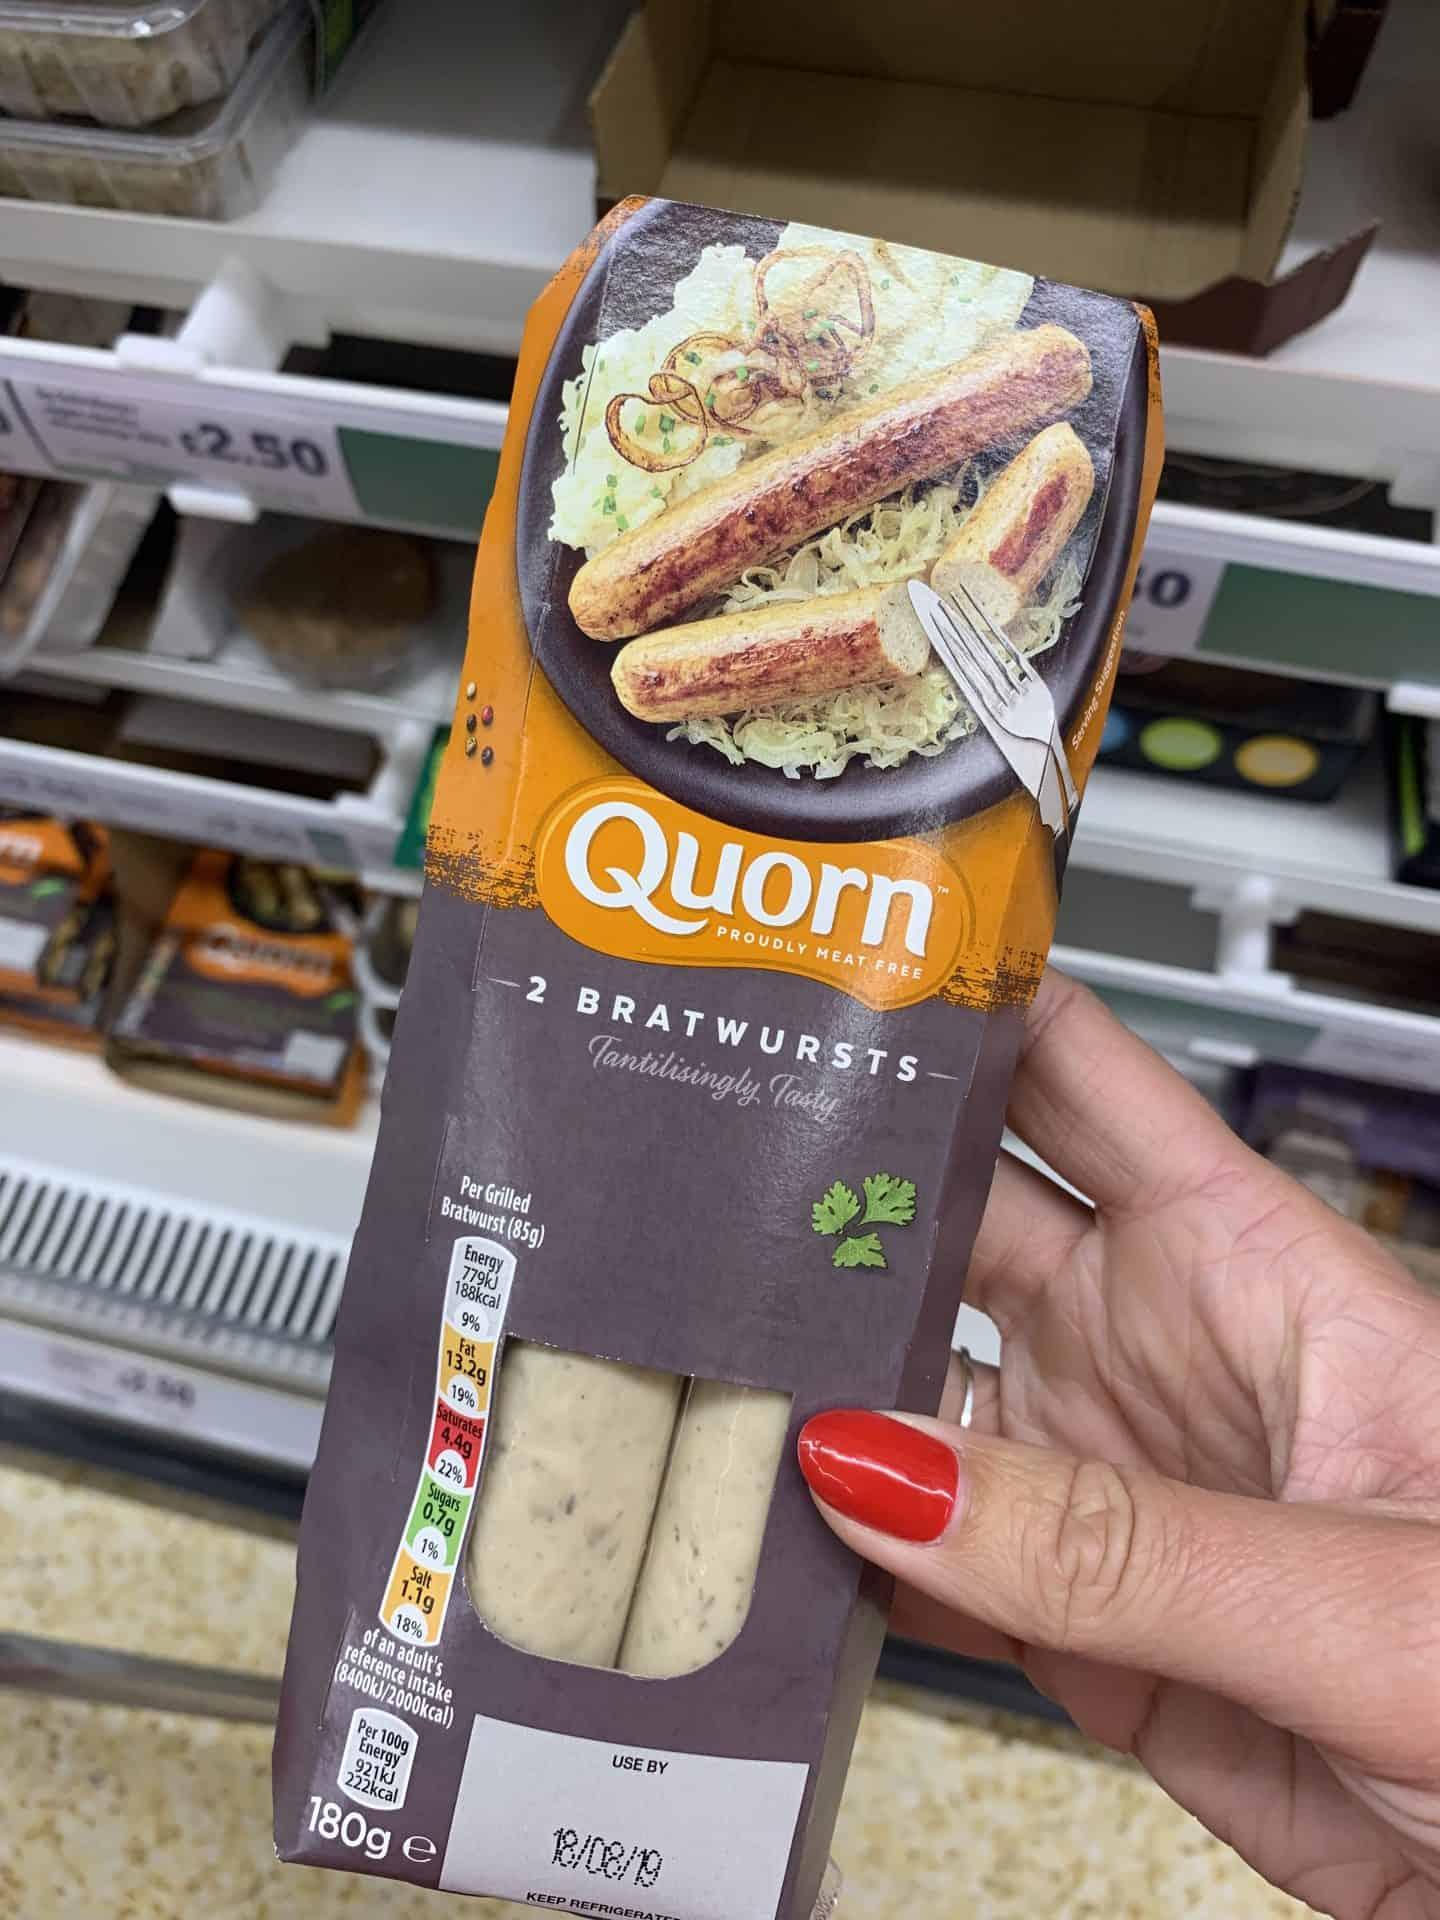 gluten free finds uk july 2019 9